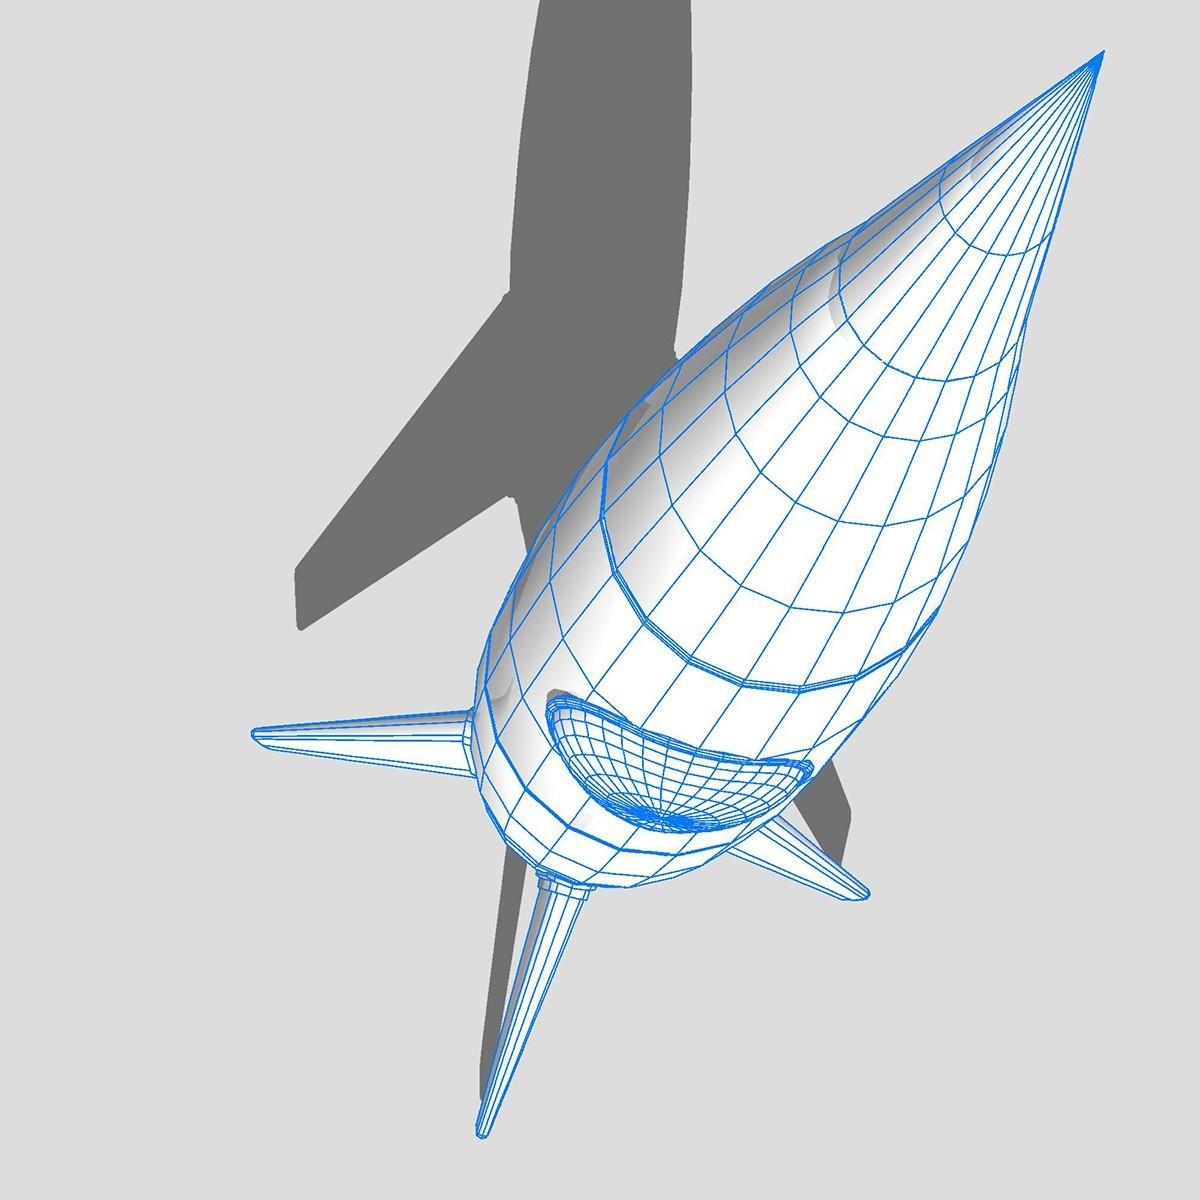 transport_pack_wairframe_0003.jpg Download STL file rocket • 3D printable design, scifikid